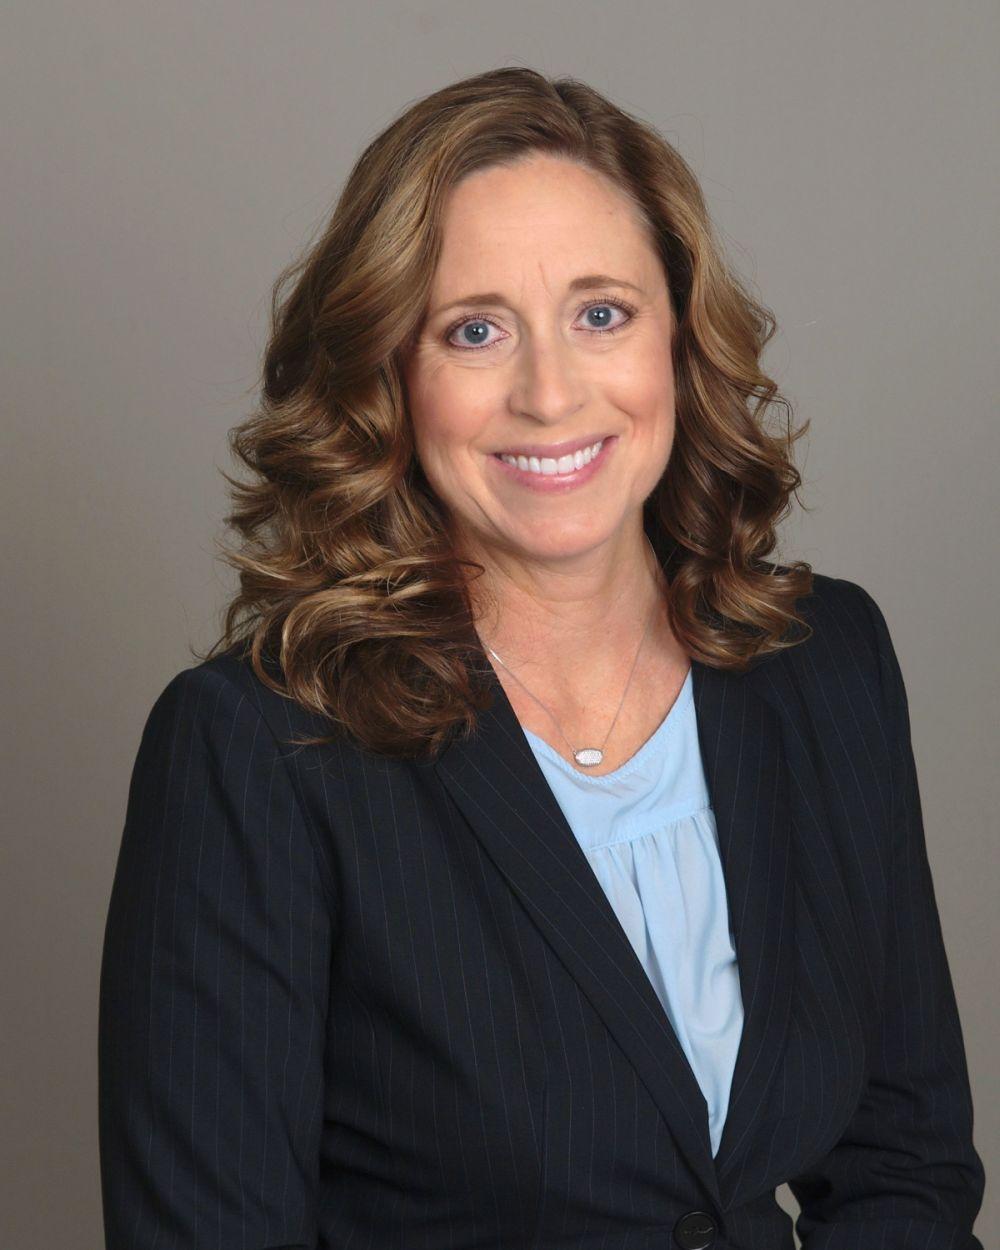 Jill Swope